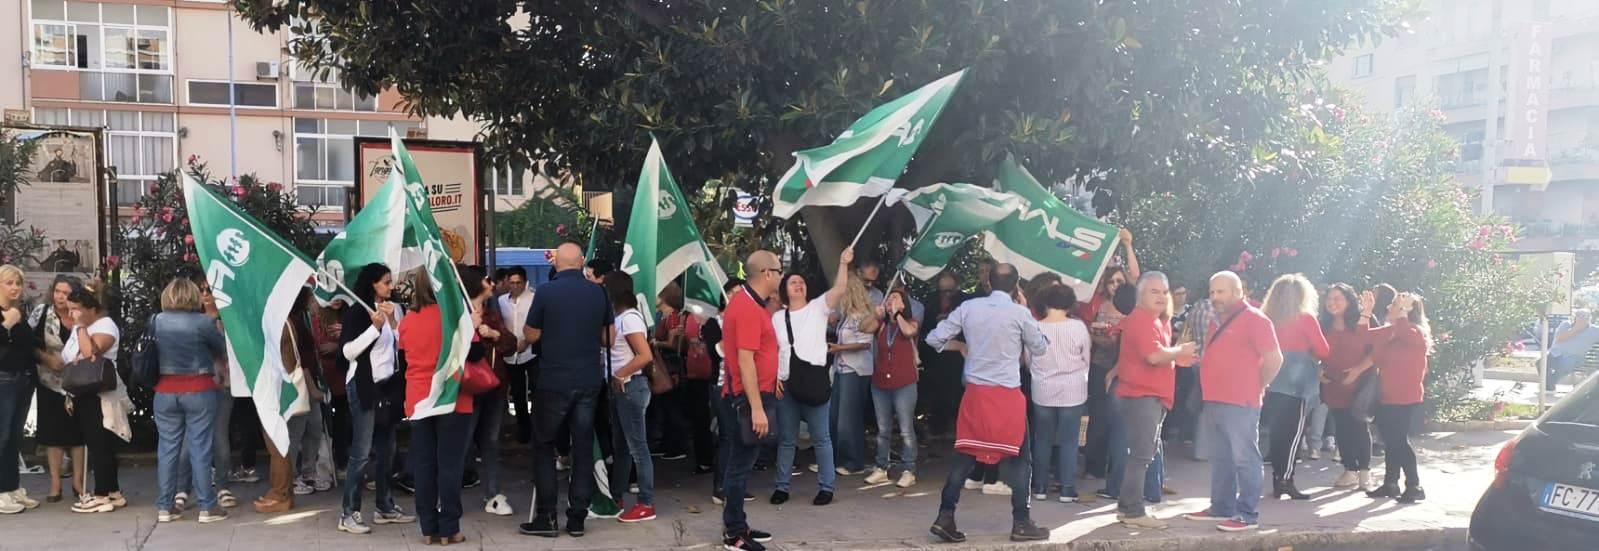 AVANTI TUTTA, il grido che muoverà l'assembleadi giovedì 24 ottobre dei 647 contrattisti precari dell'ASP di Palermo